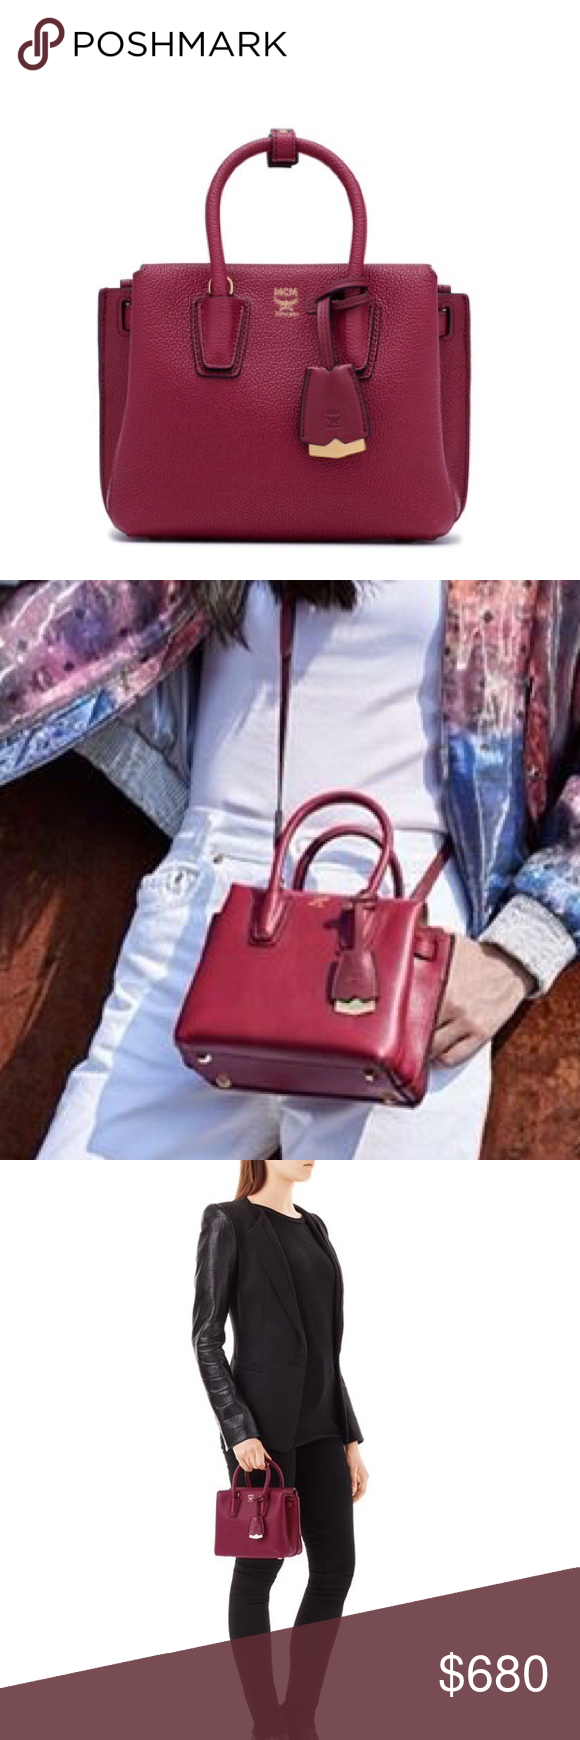 3e99e36e74 MCM mini milla tote Mini Milla Tote in natural grain European Park Avenue  leather 2 top